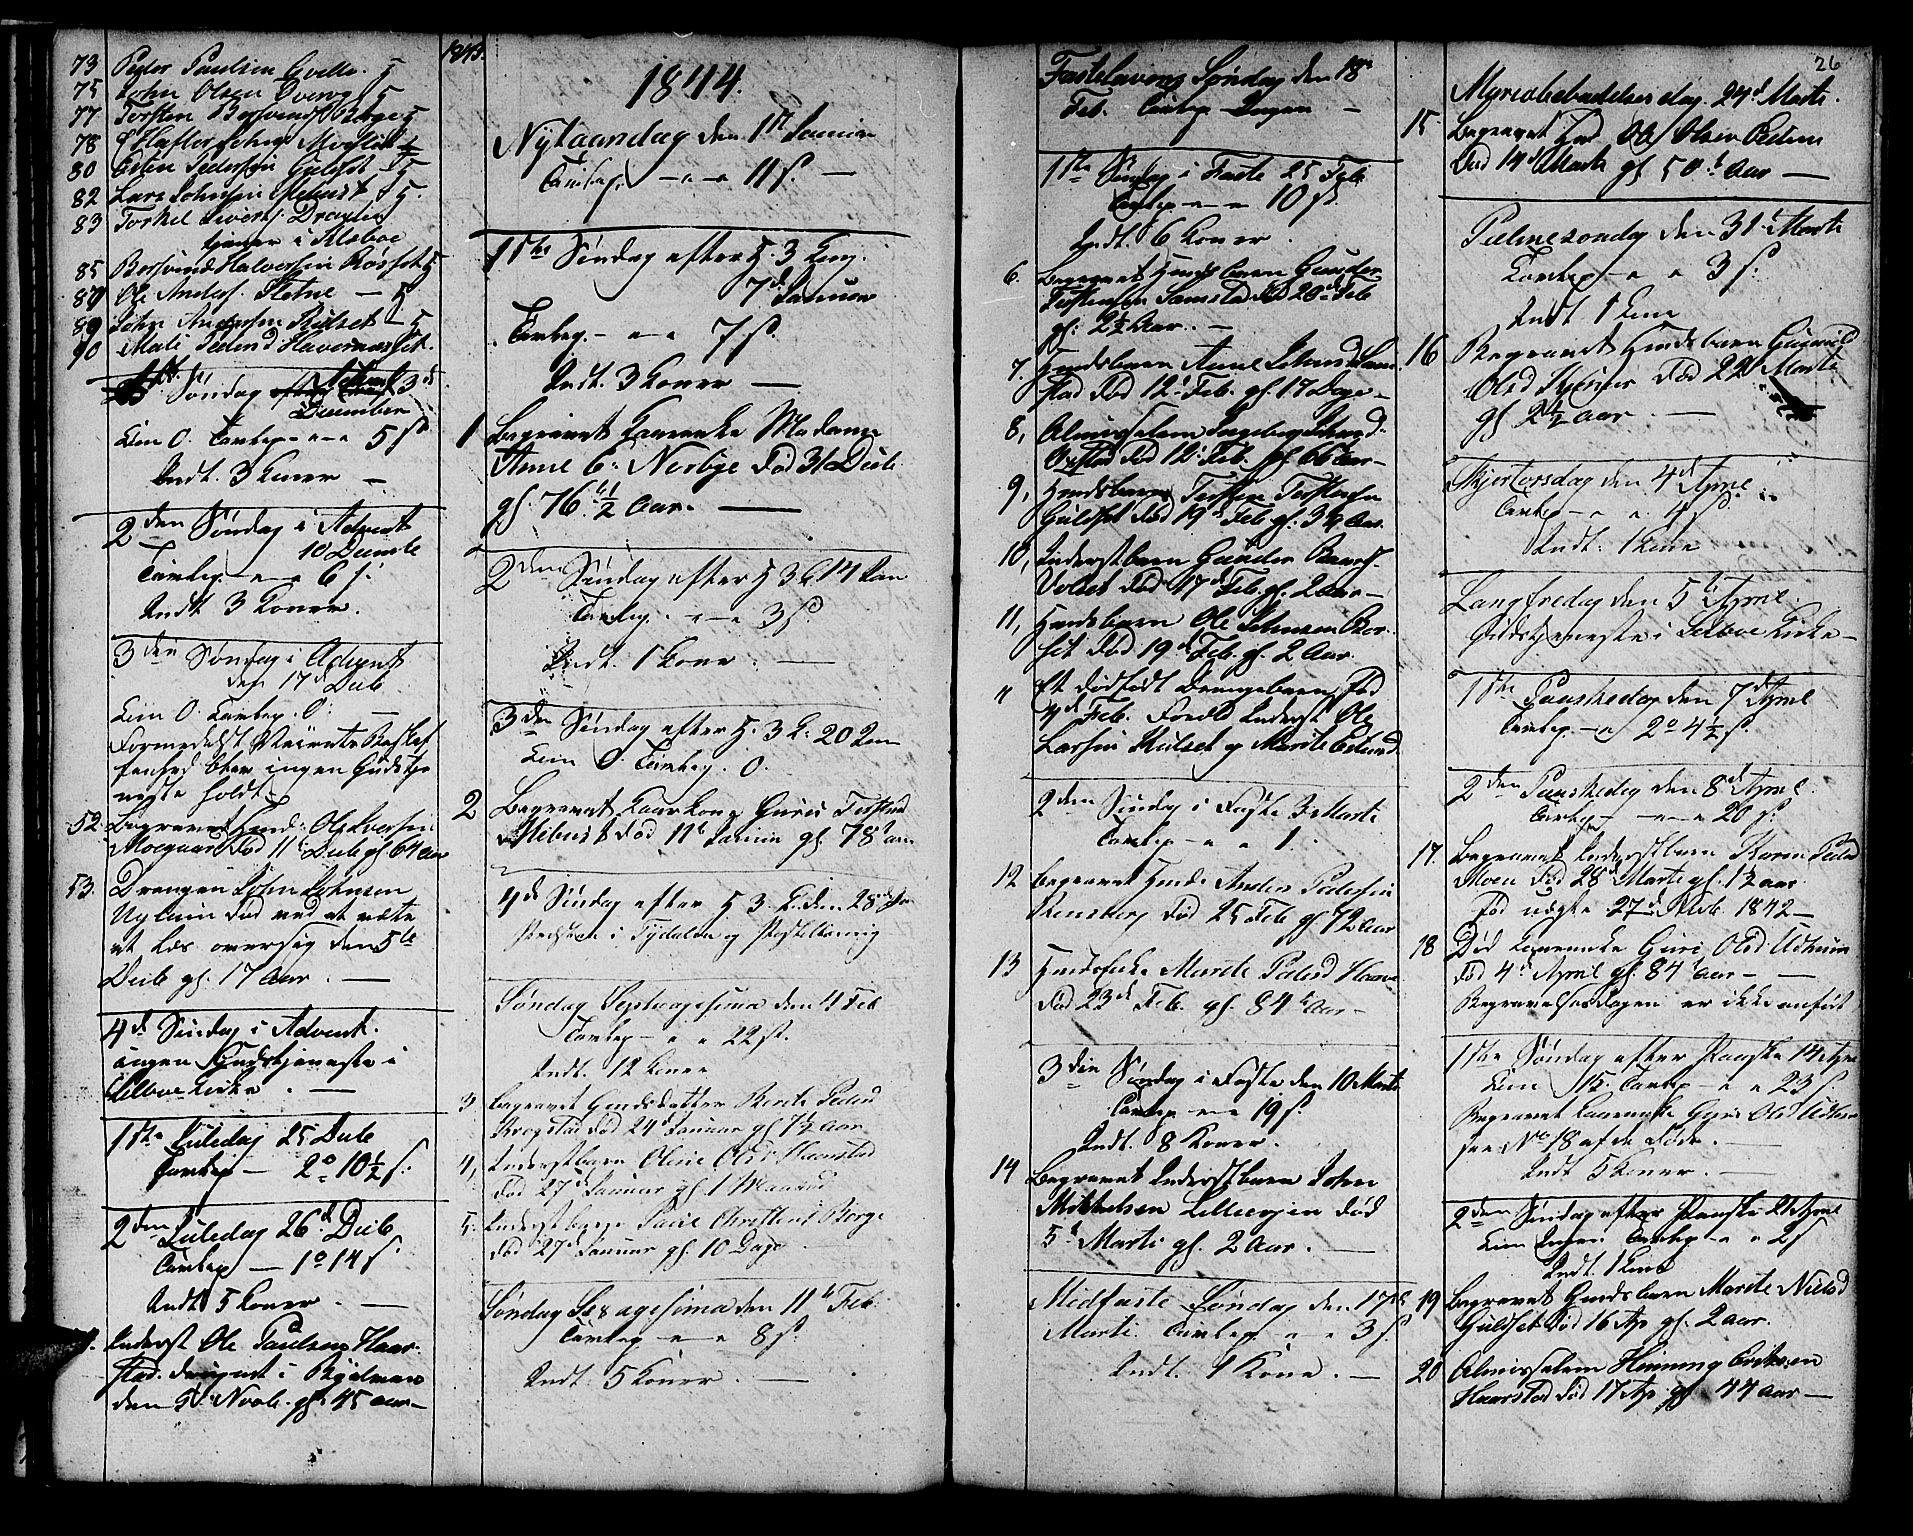 SAT, Ministerialprotokoller, klokkerbøker og fødselsregistre - Sør-Trøndelag, 695/L1154: Klokkerbok nr. 695C05, 1842-1858, s. 26